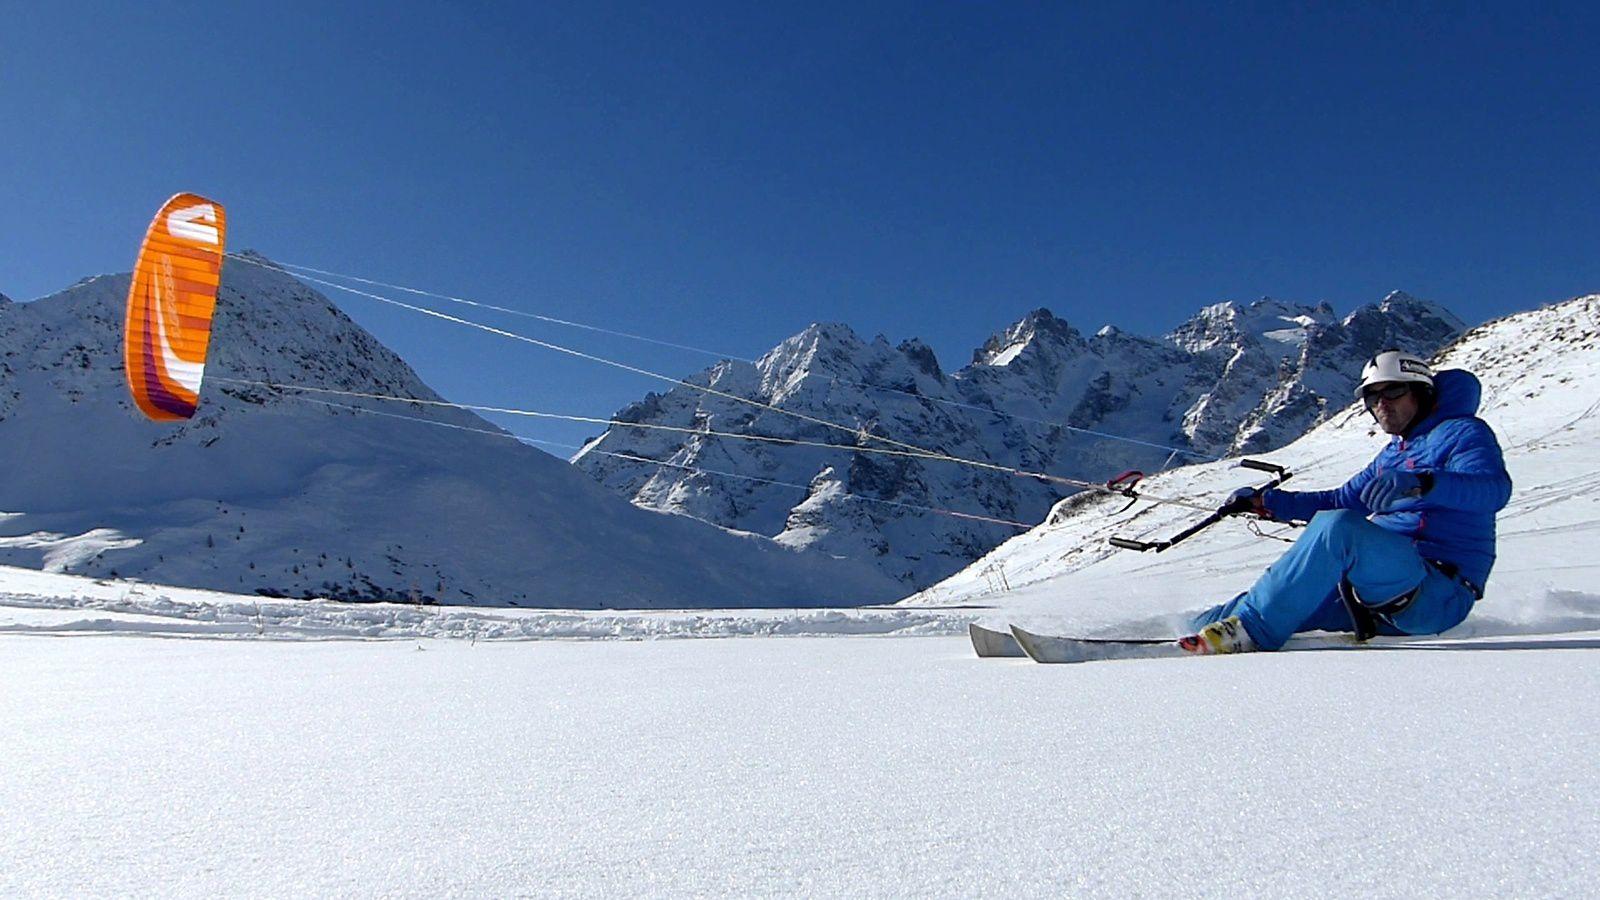 snowkite, Aeros Alti 2015 orange 10m